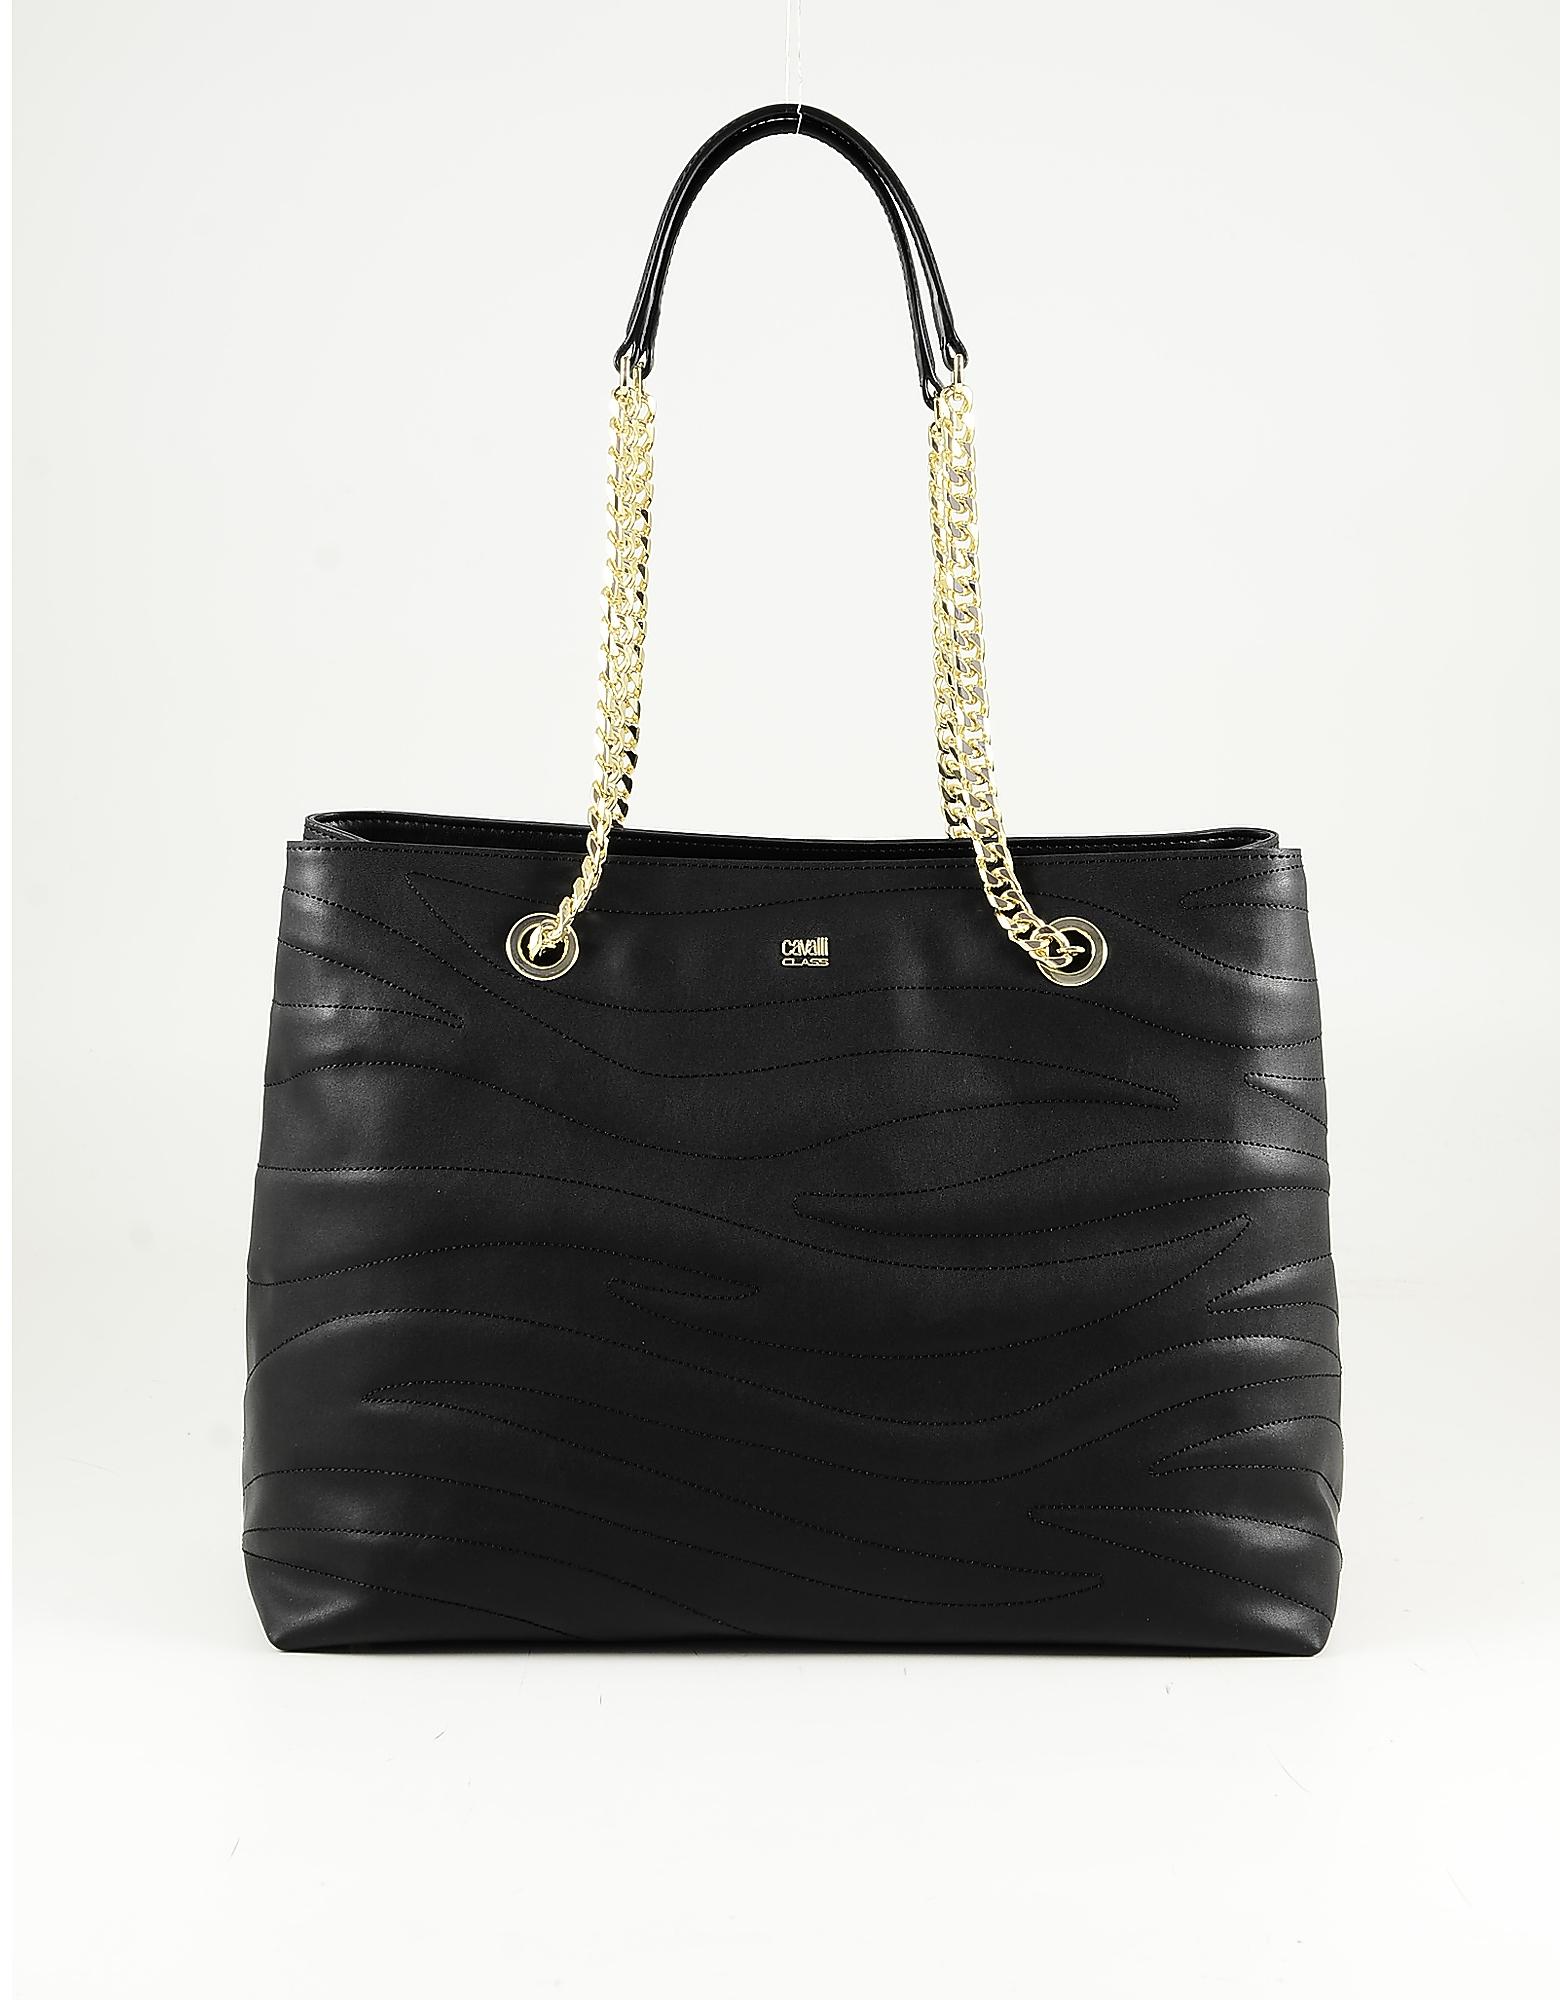 Class Roberto Cavalli Black Leather Tote Bag W/chain Straps